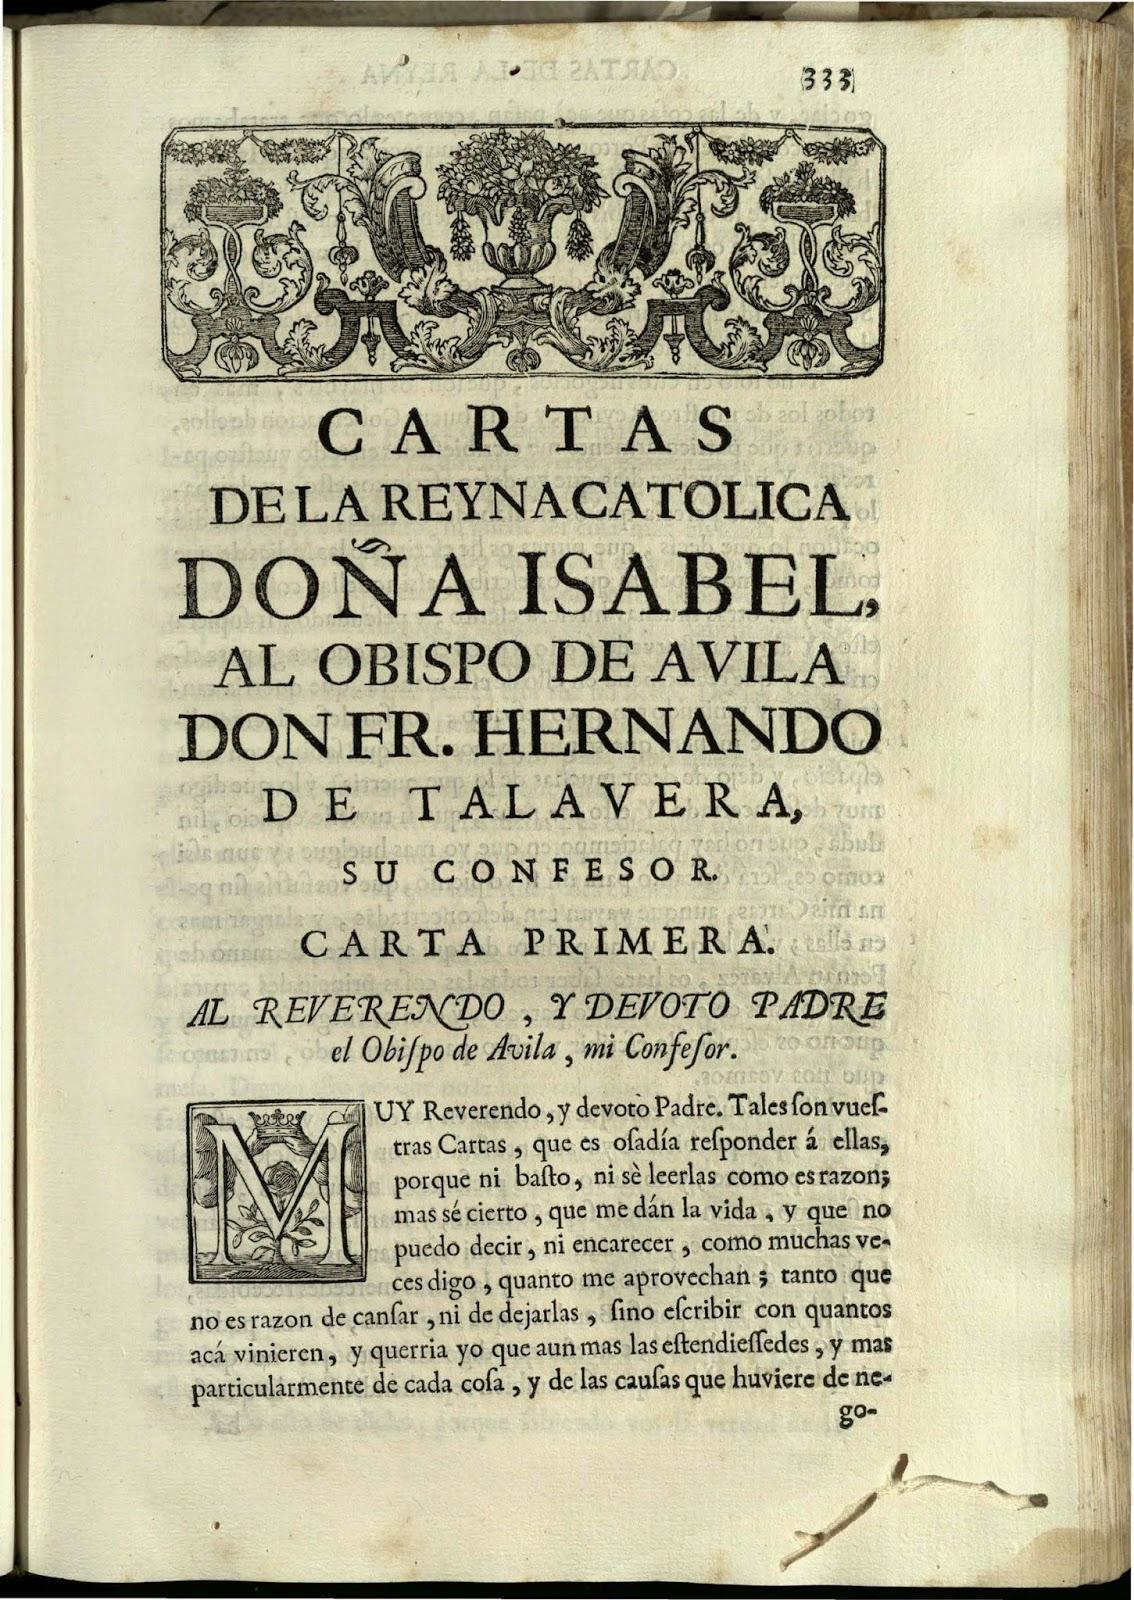 """""""Obras del Ilustrissimo...Don Juan de Palafox y Mendoza,.. Obispo...de Osma...: tomo VII: notas a las Cartas,  y auisos de Santa Teresa de Jesus, y varias  poesías Espirituales del Venerable autor"""":"""